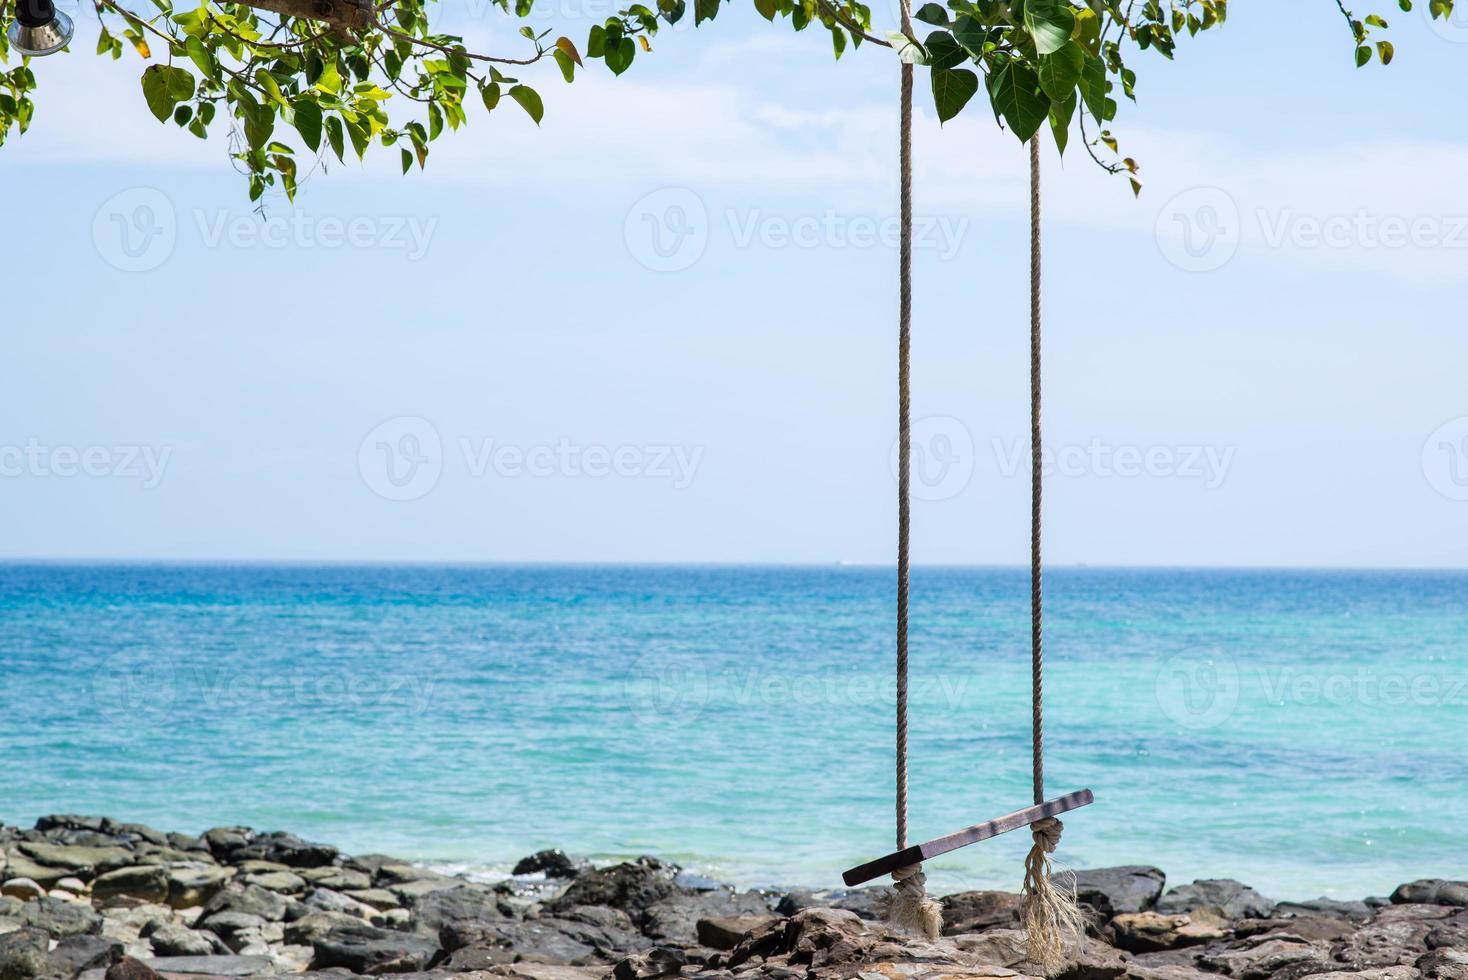 altalena di corda sulla spiaggia foto